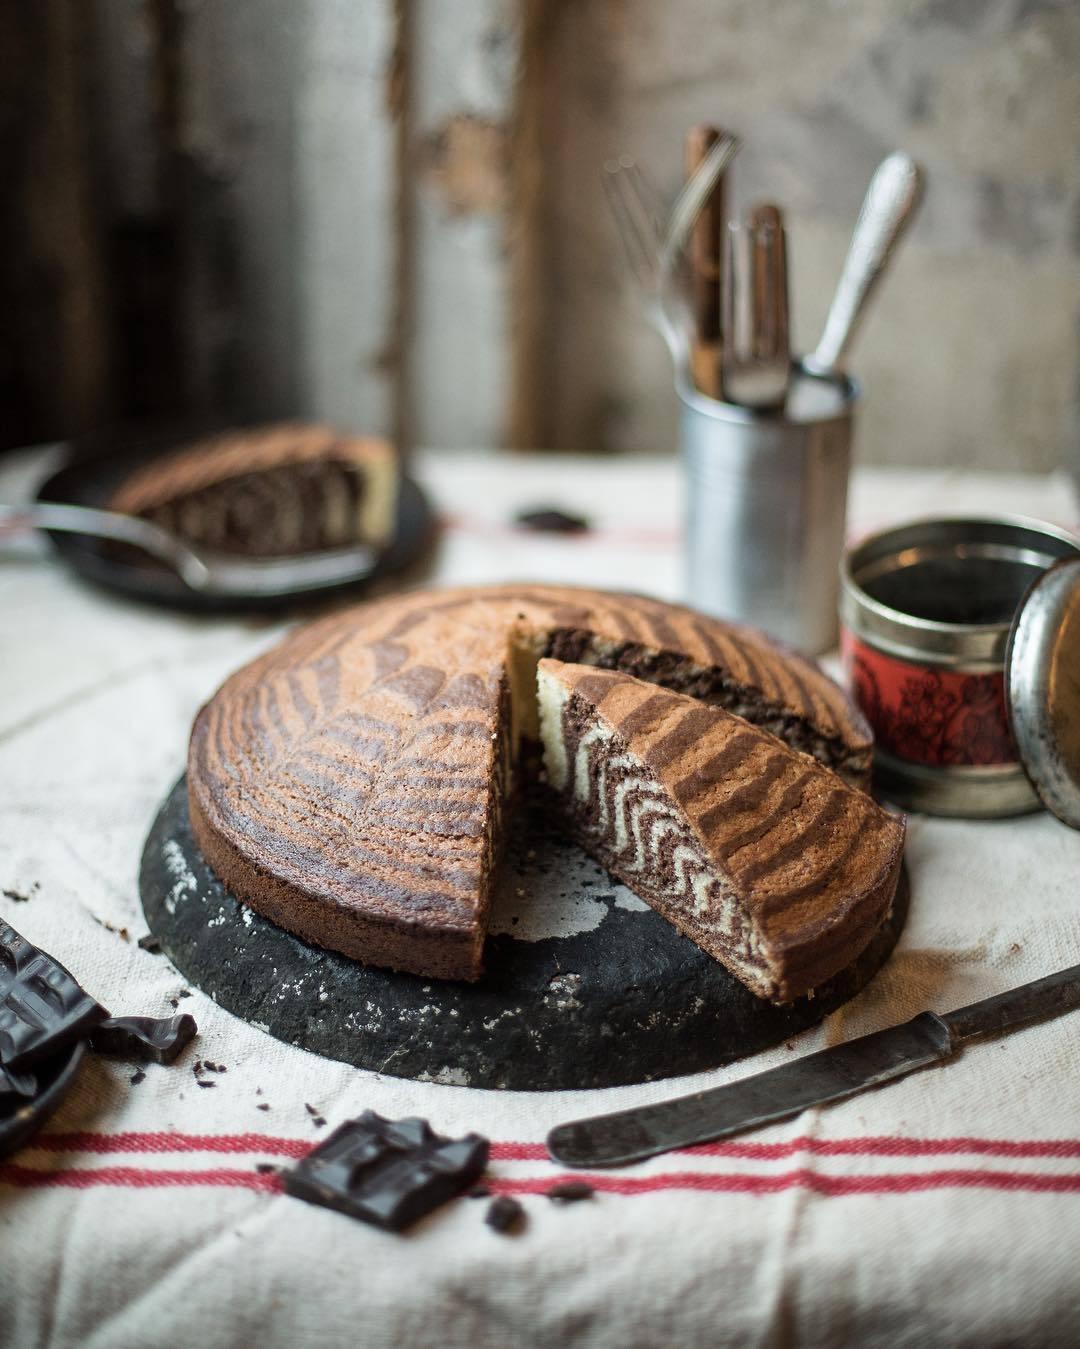 宠物-这位漂亮的美女蛋糕师,让猫咪来为蛋糕代言,将平淡无奇的蛋糕化腐朽为神奇(19)